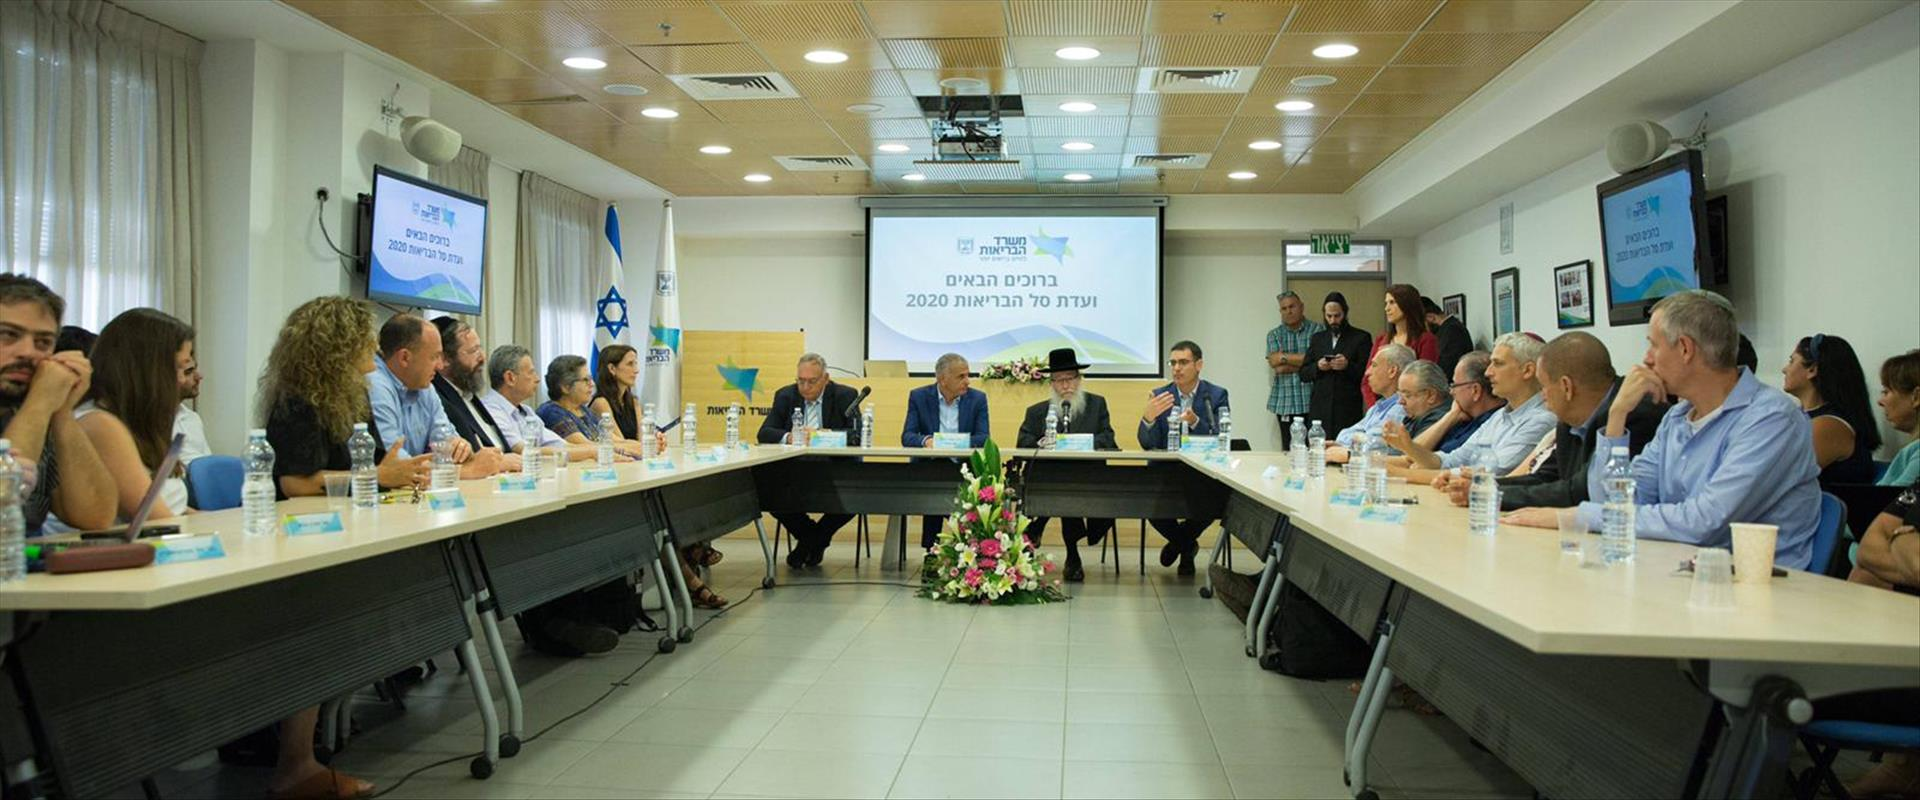 ישיבת הוועדה הציבורית להרחבת סל התרופות